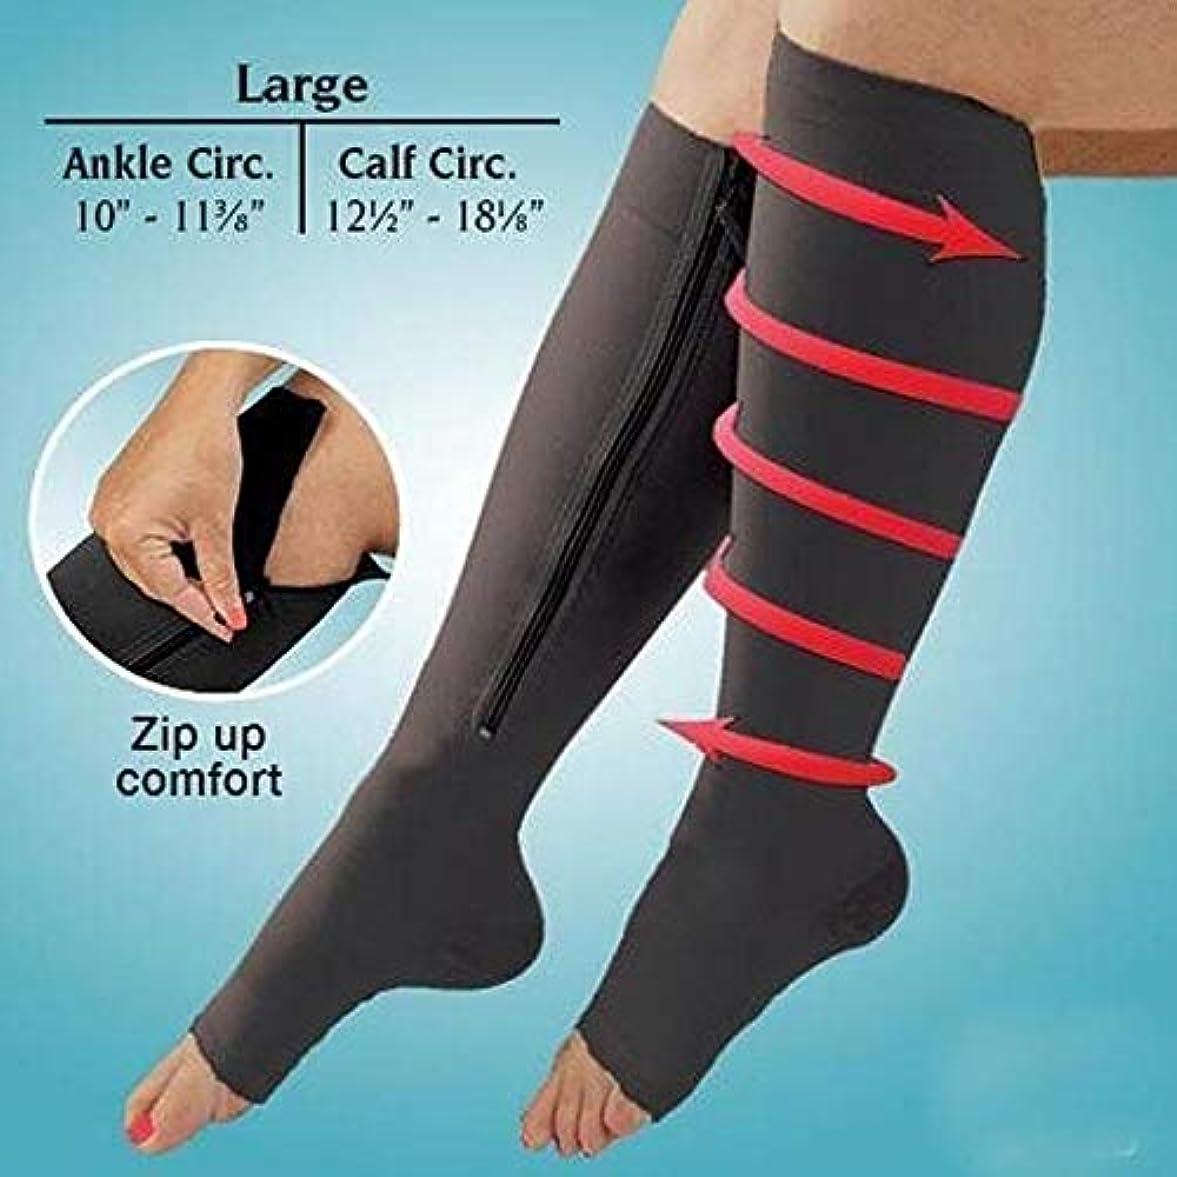 チャレンジ耐久取得する1 ペア静脈瘤処理ソックス圧縮ジッパー靴下女性のスリム睡眠脚 Shapper 圧縮脂肪燃焼マッサージ